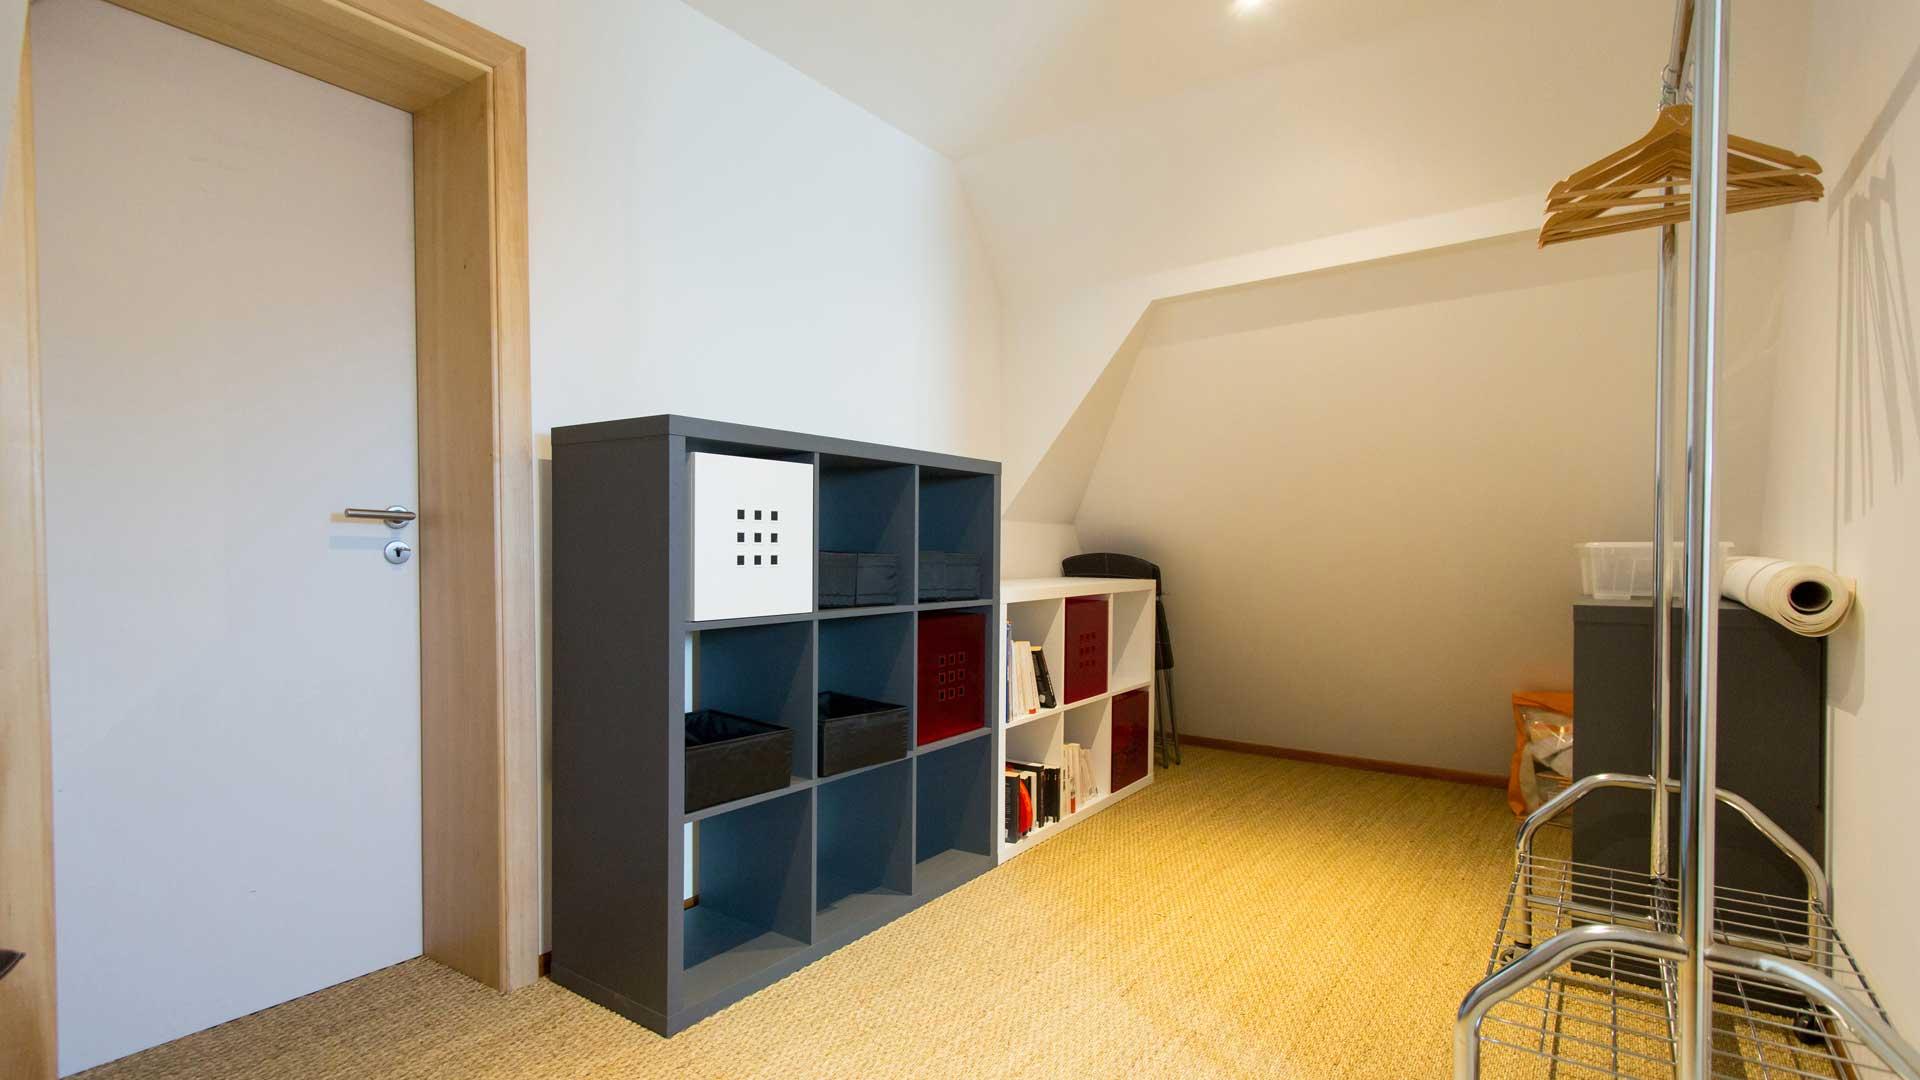 loft haut de gamme en alsace location g te 4 personnes en alsace. Black Bedroom Furniture Sets. Home Design Ideas